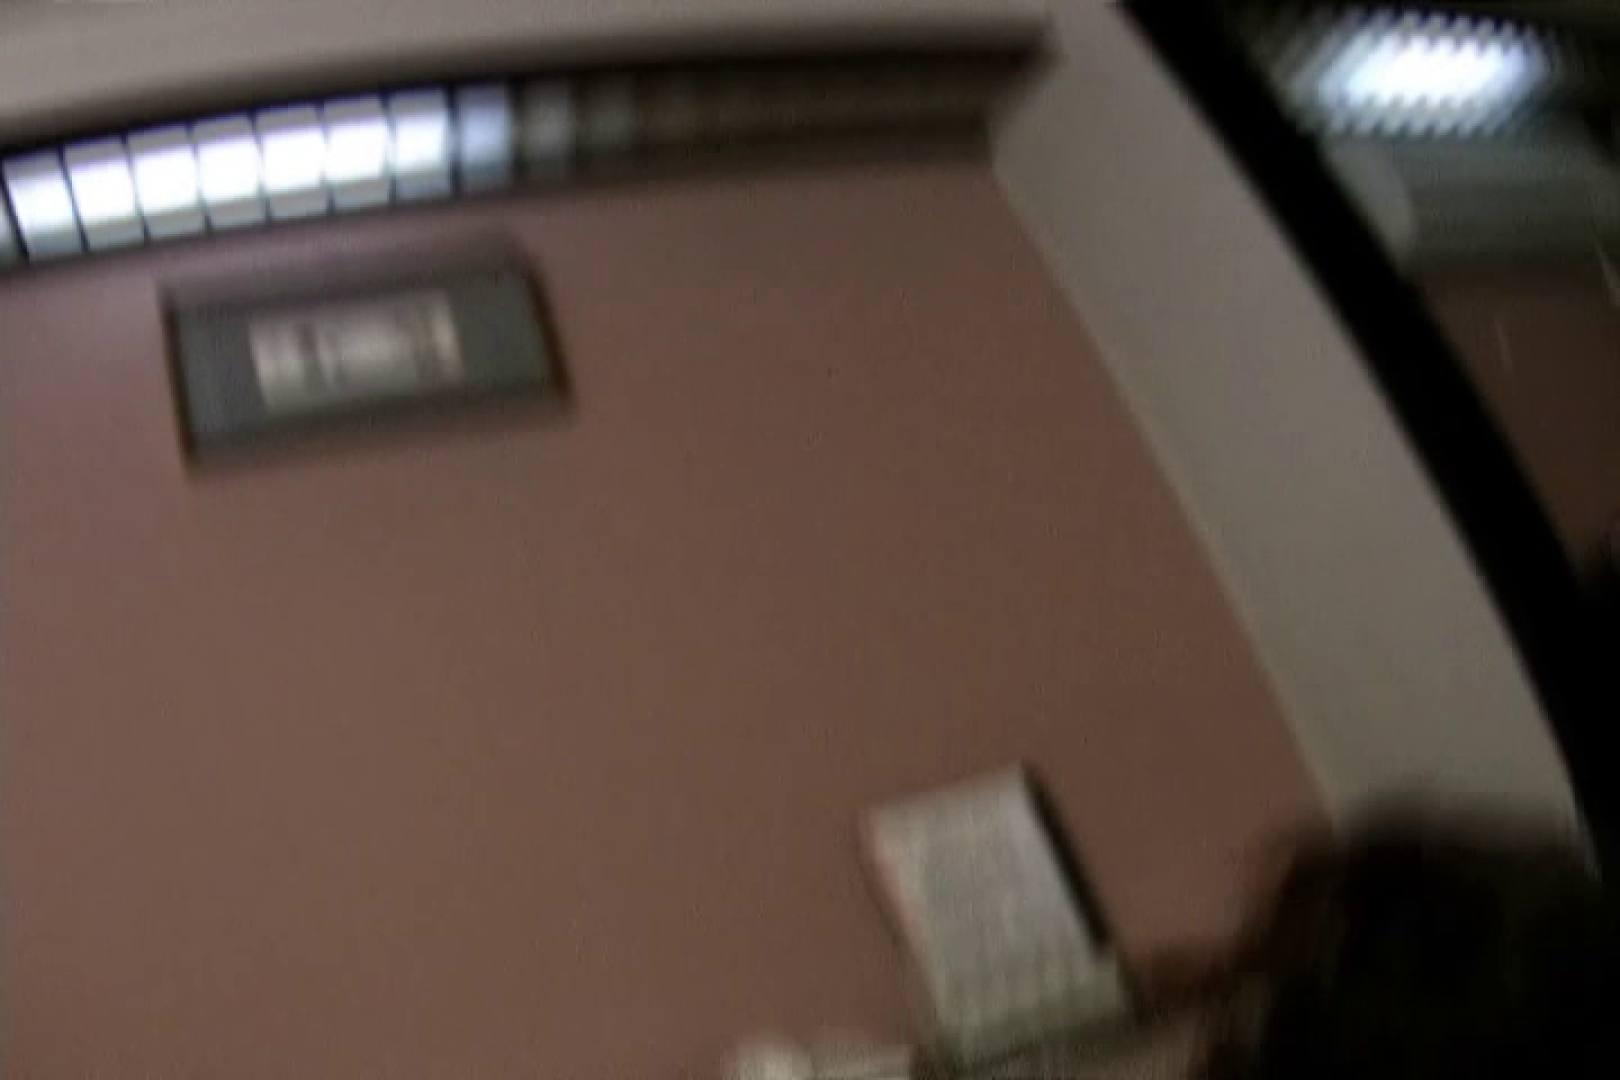 ハイビジョンパンチラ オッテQさんの追跡パンチラ制服女子編Vol.02 追跡 | 制服ガール  84pic 7